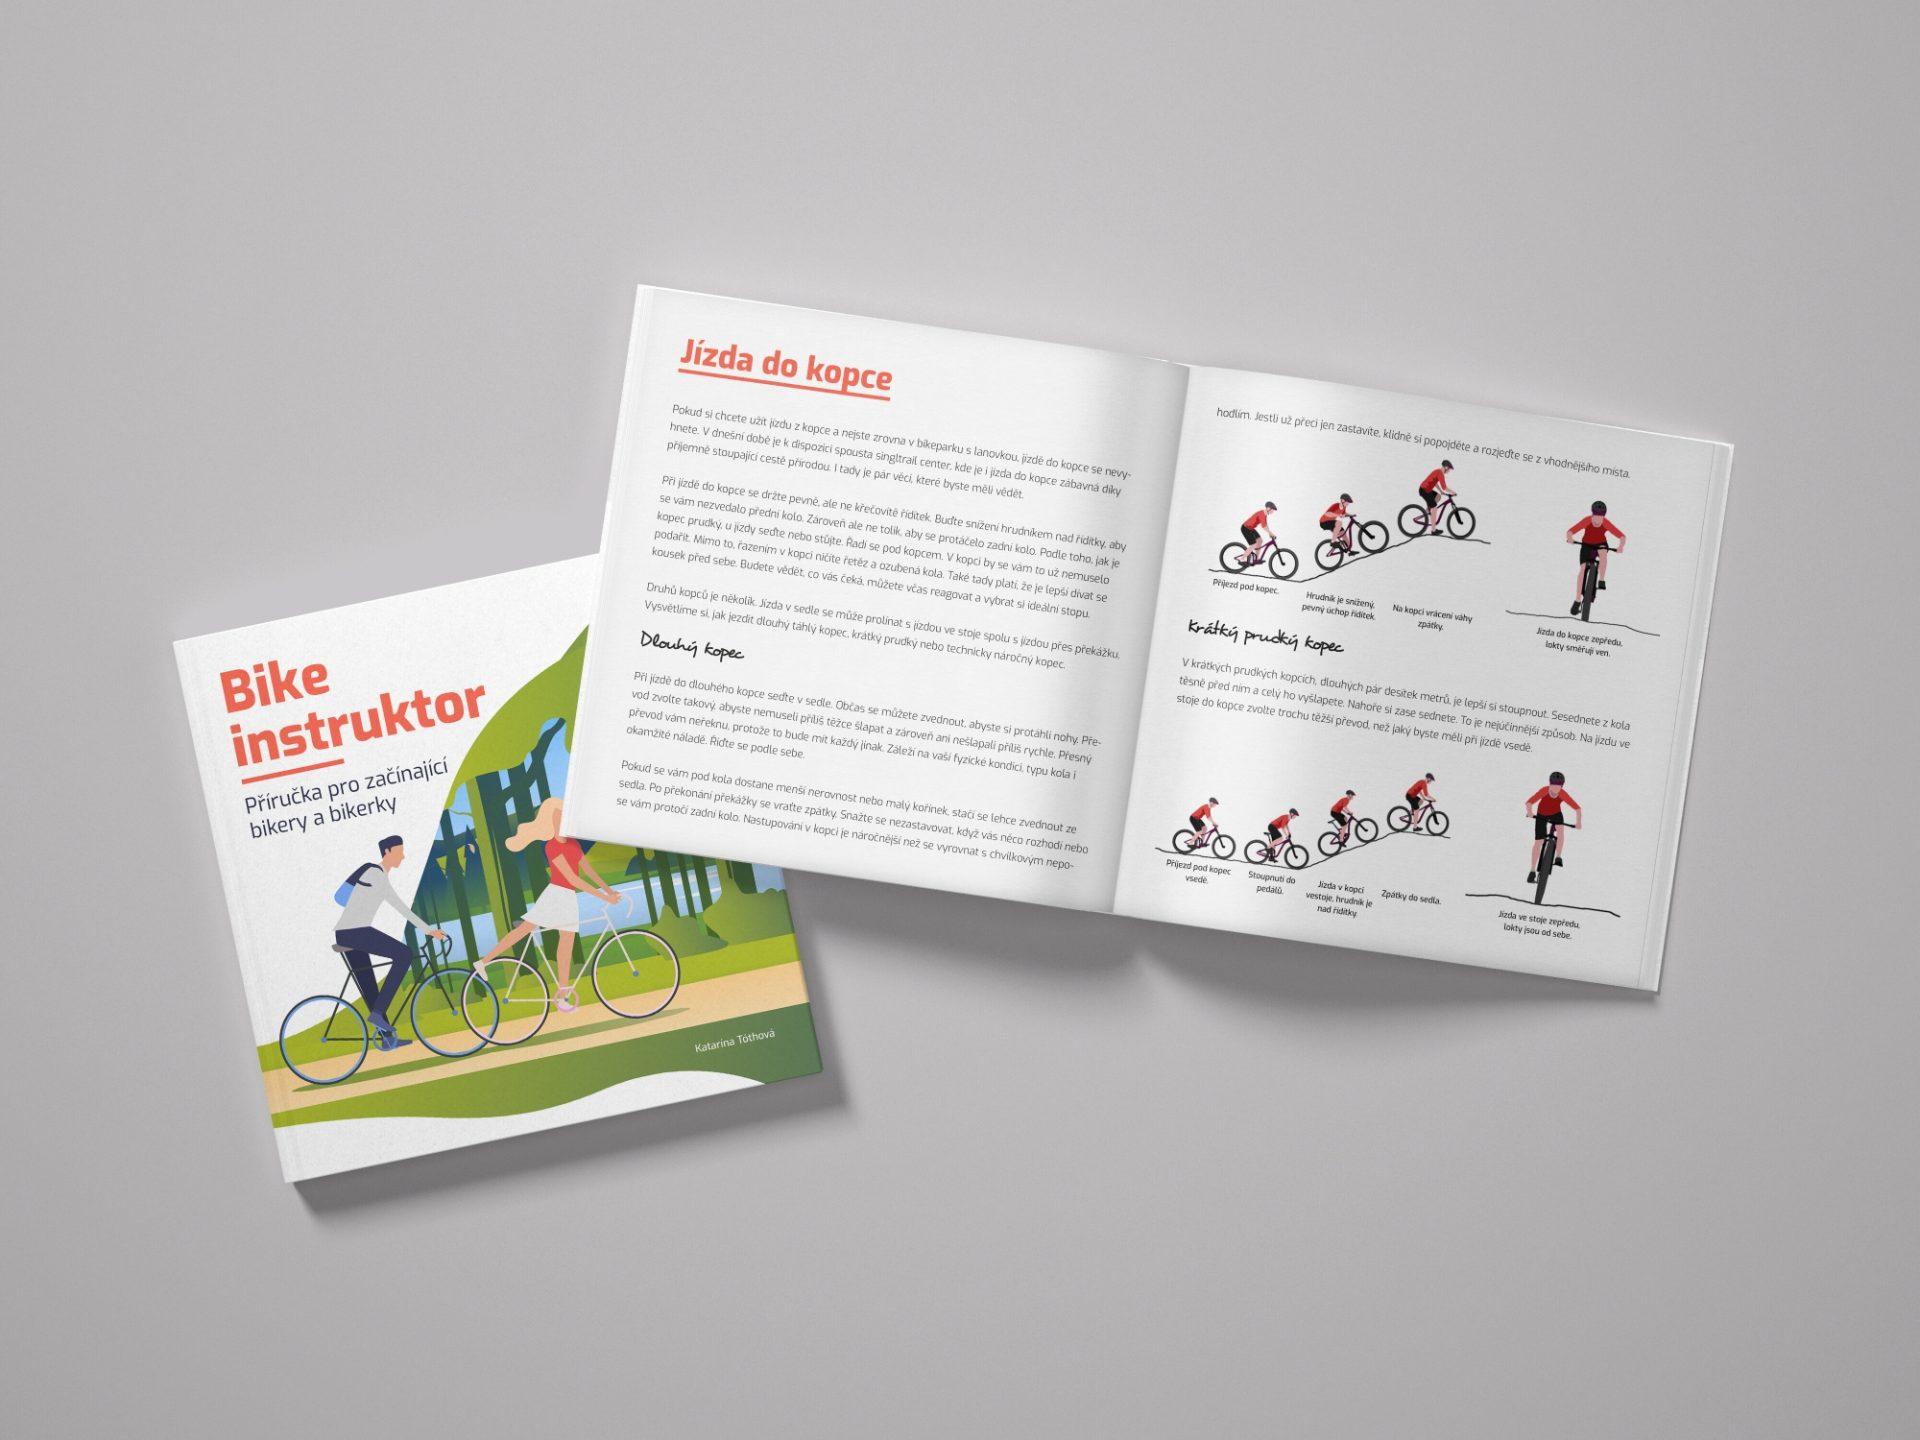 Bike instruktor: příručka pro začínající bikery a bikerky